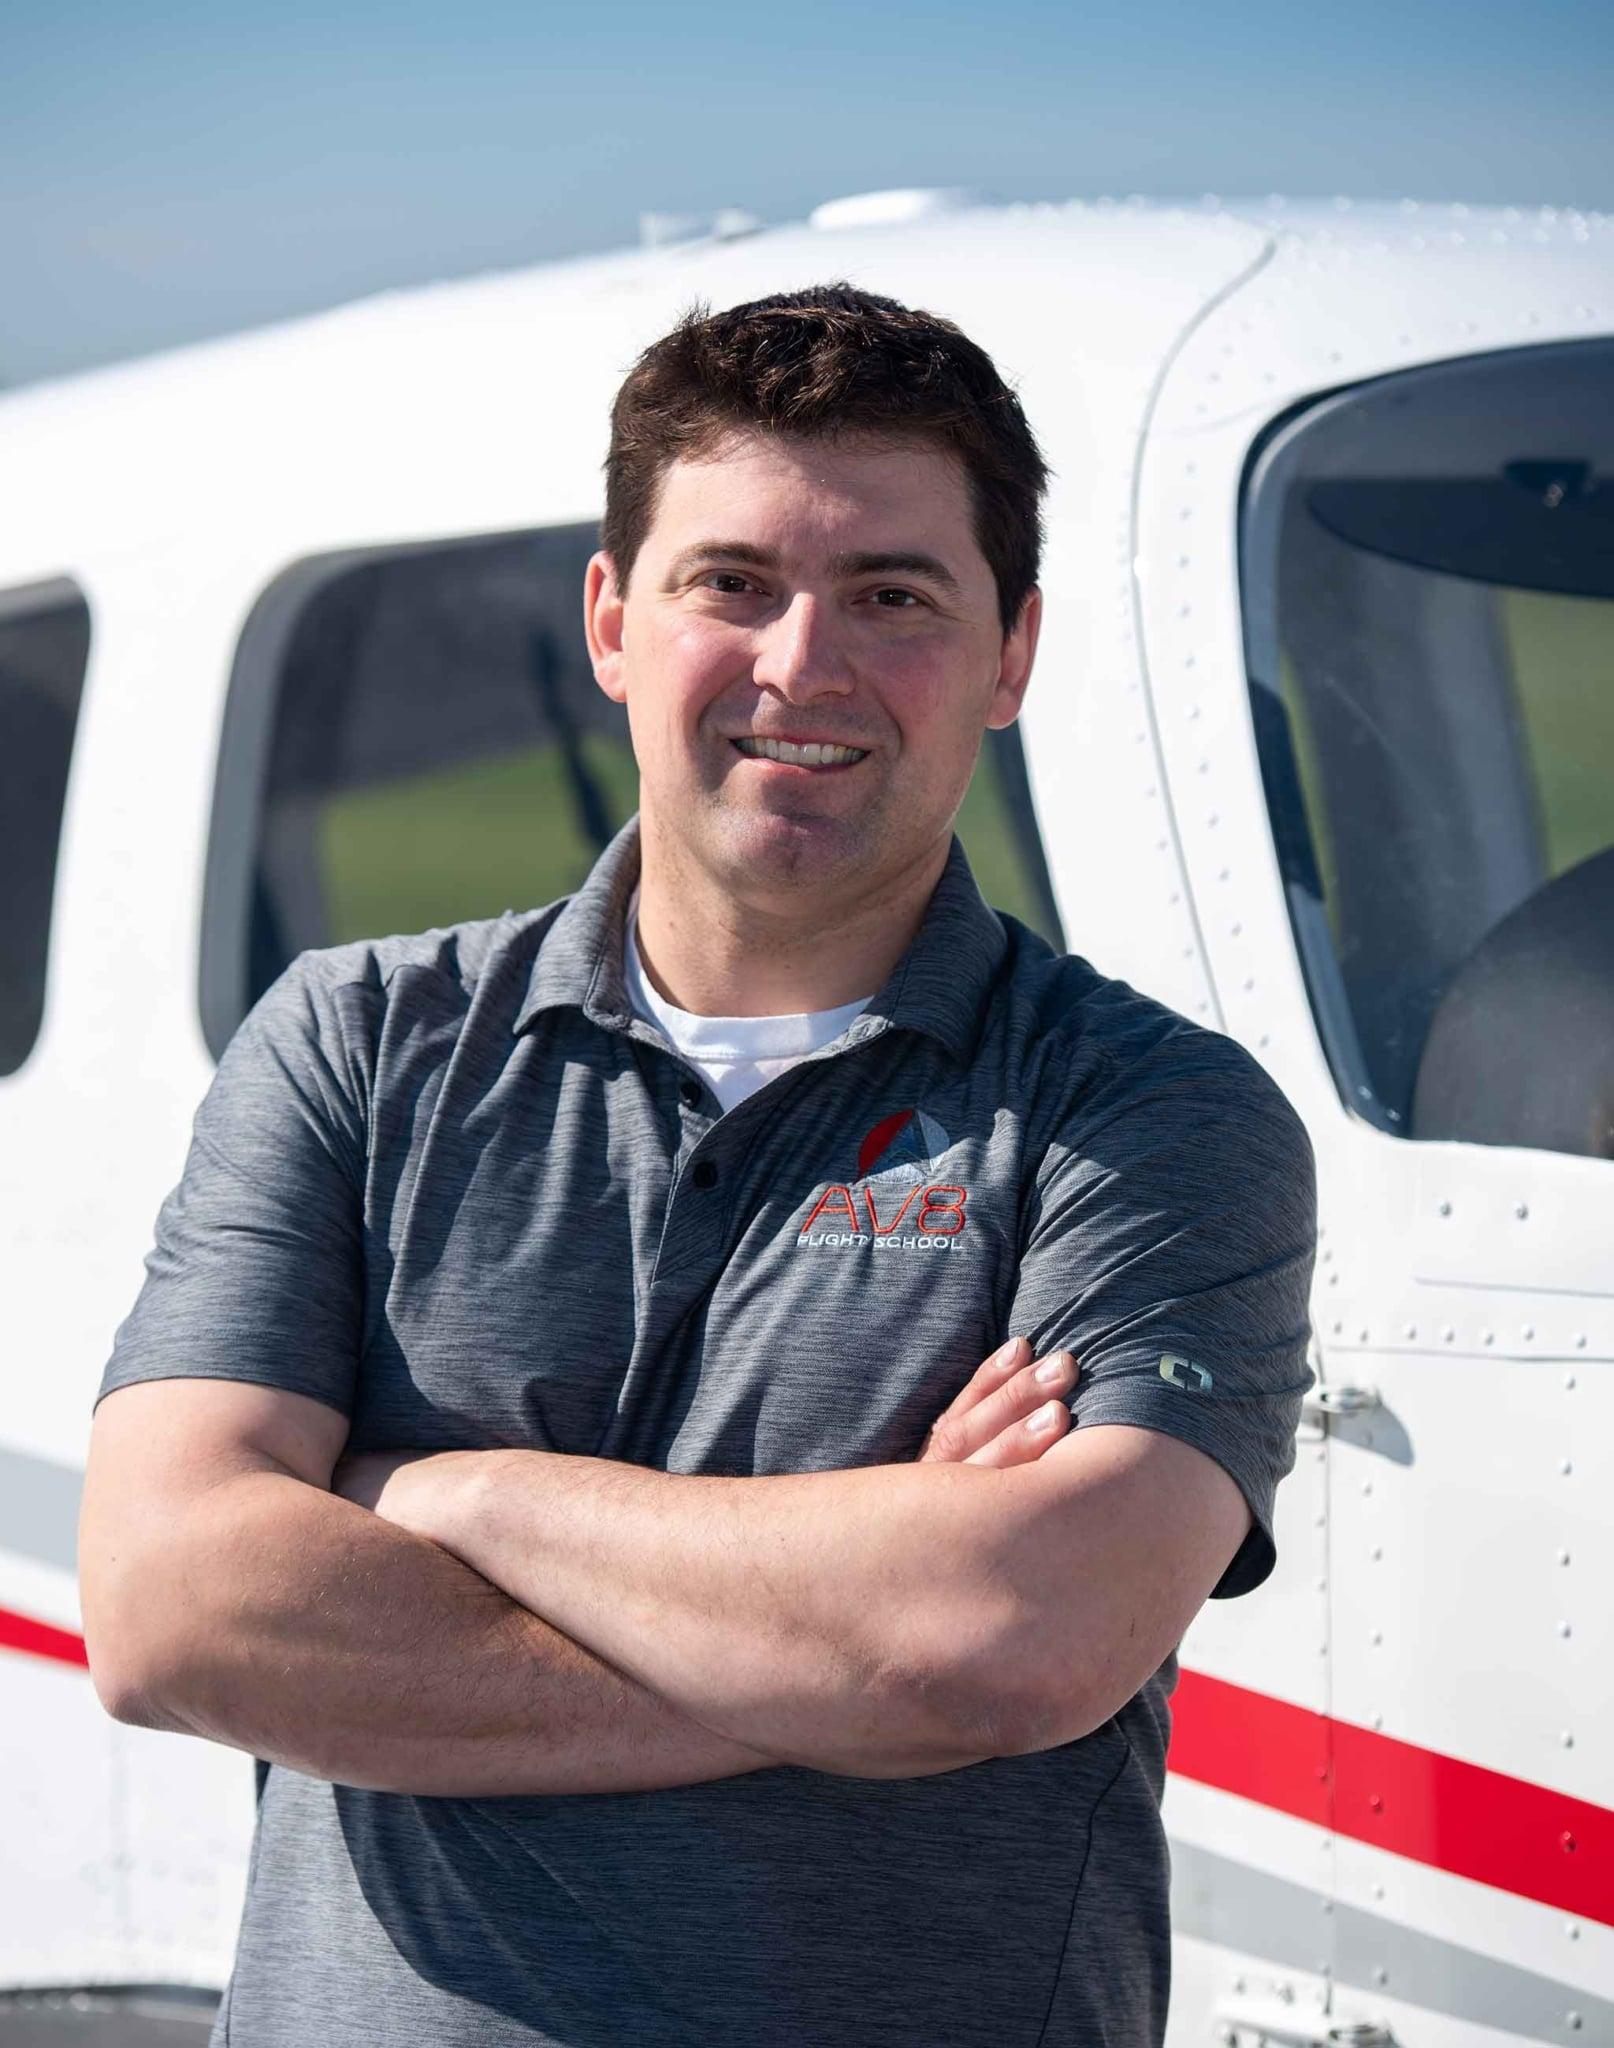 AV8 Flight School Team: Nick